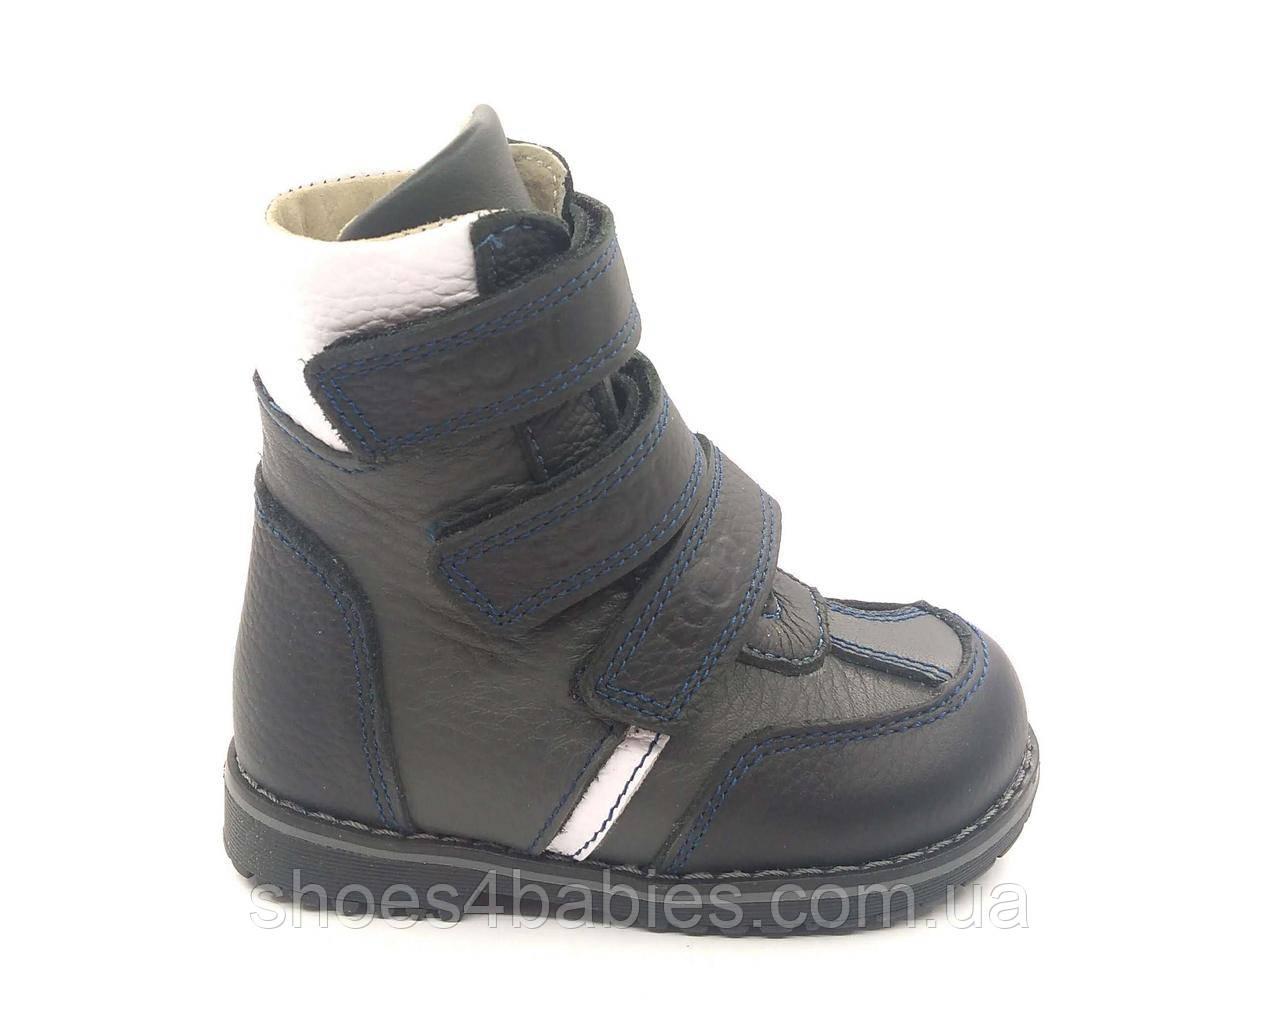 Ортопедические ботинки Ecoby 211ВМ демисезонные р. 21 - 14см